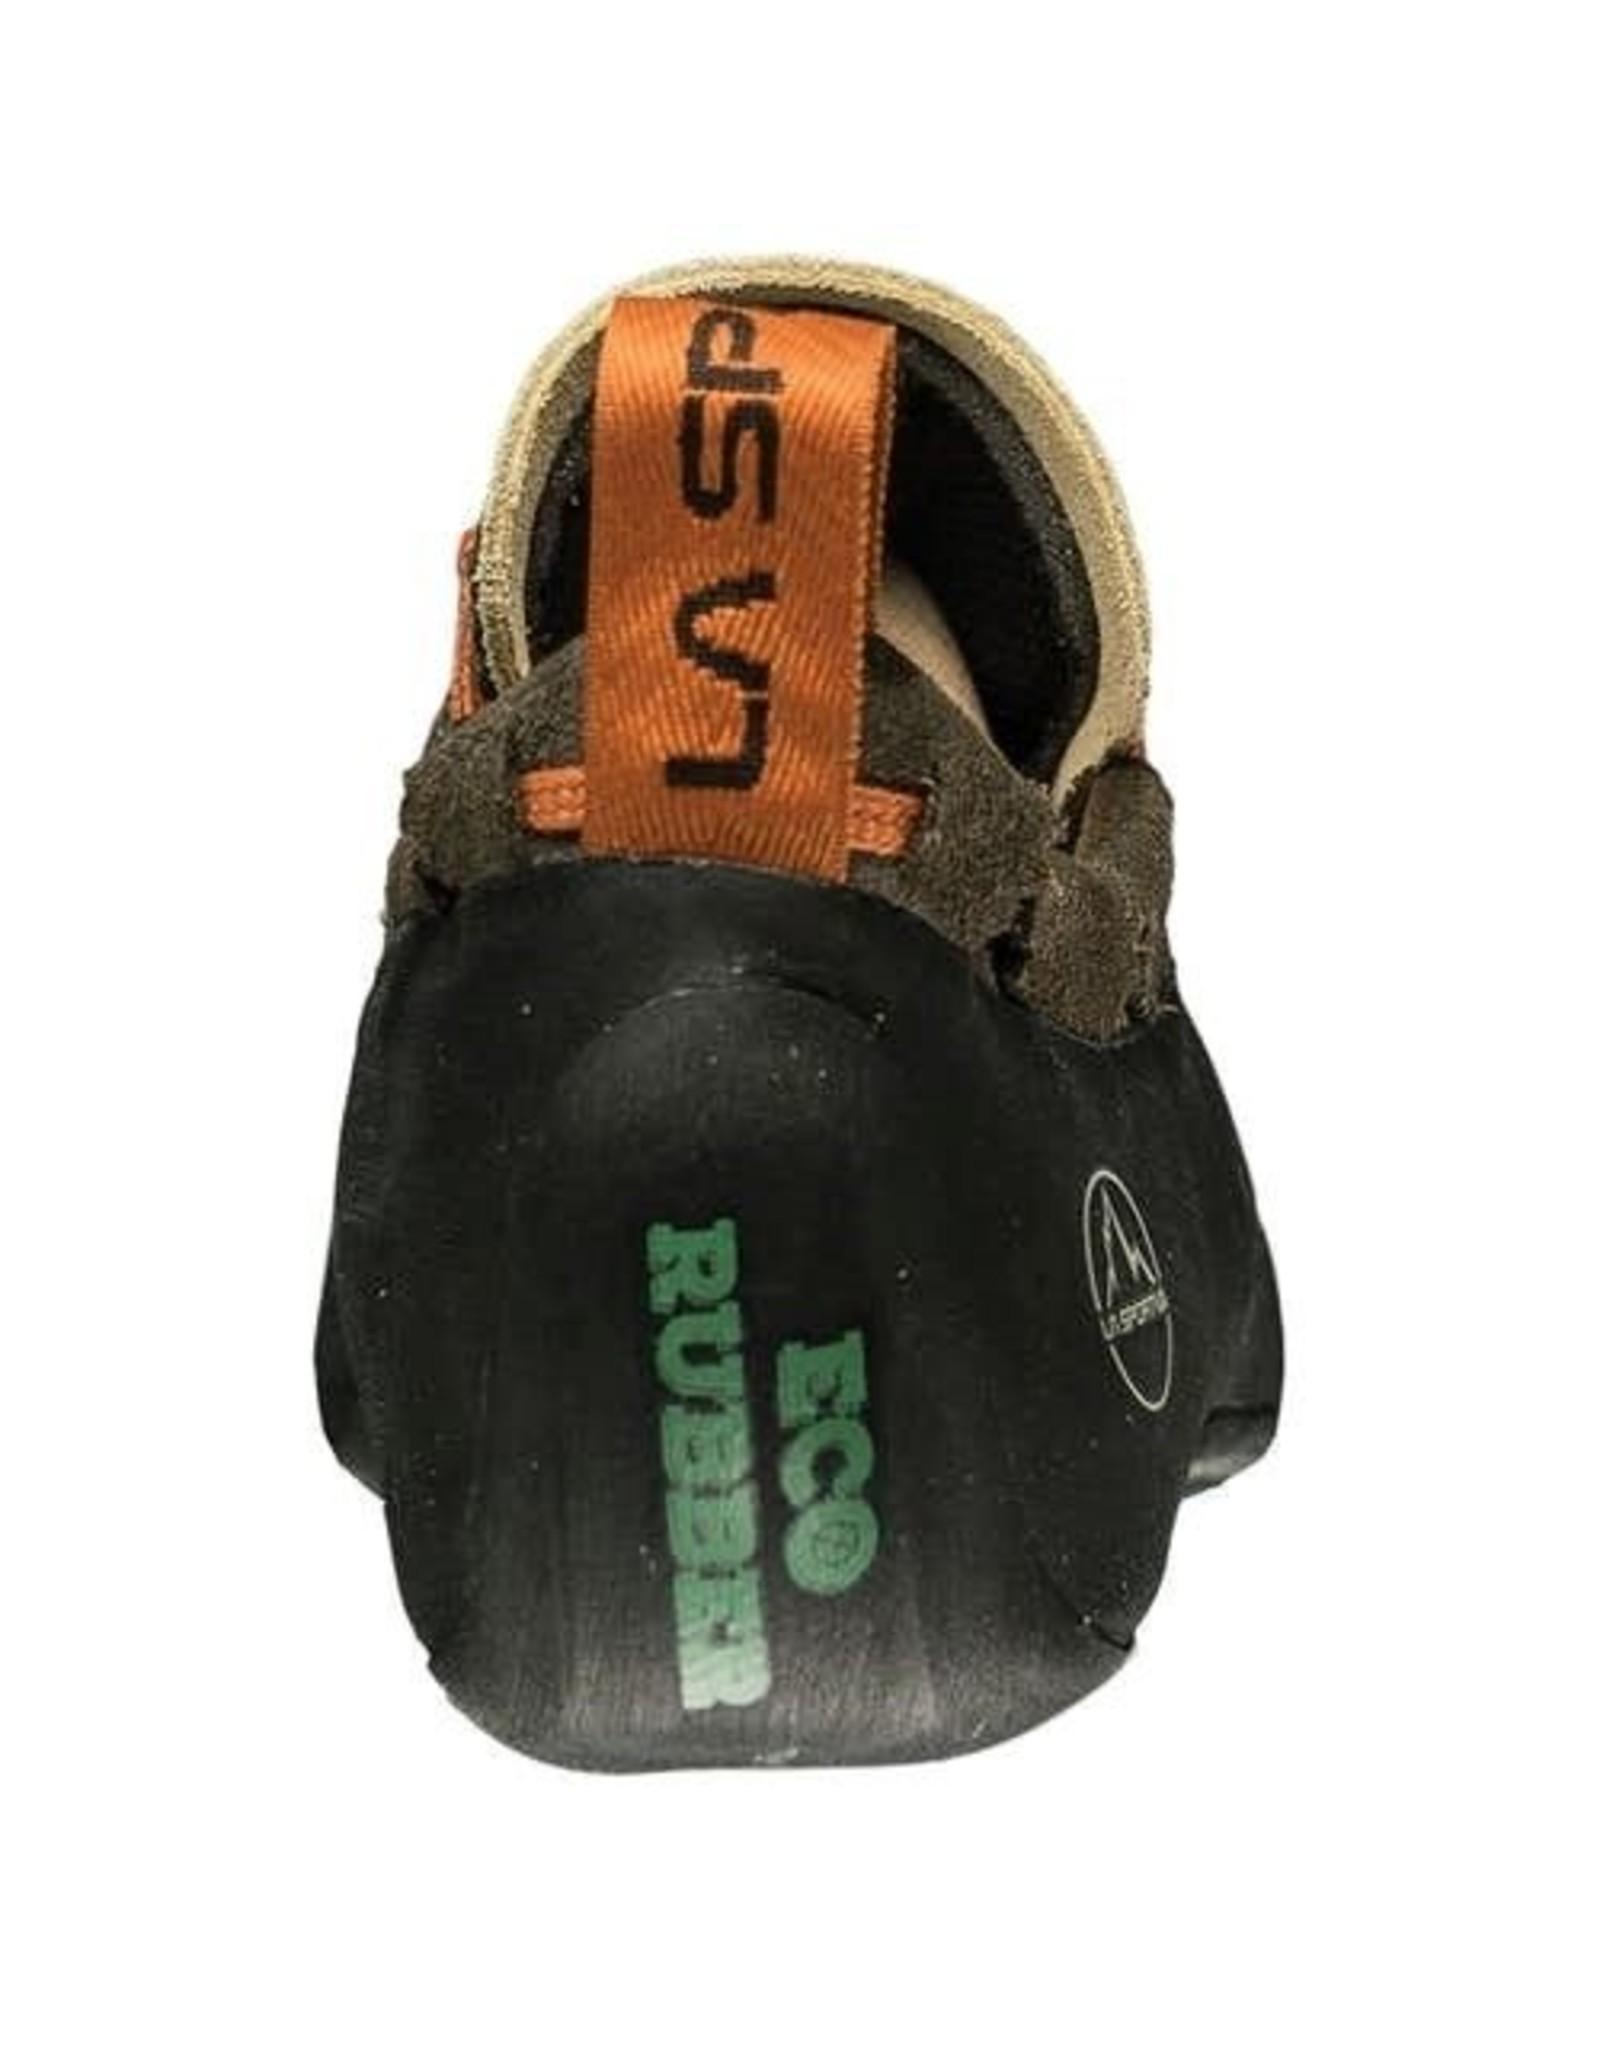 La Sportiva La Sportiva Mythos Eco Climbing Shoes  - Men